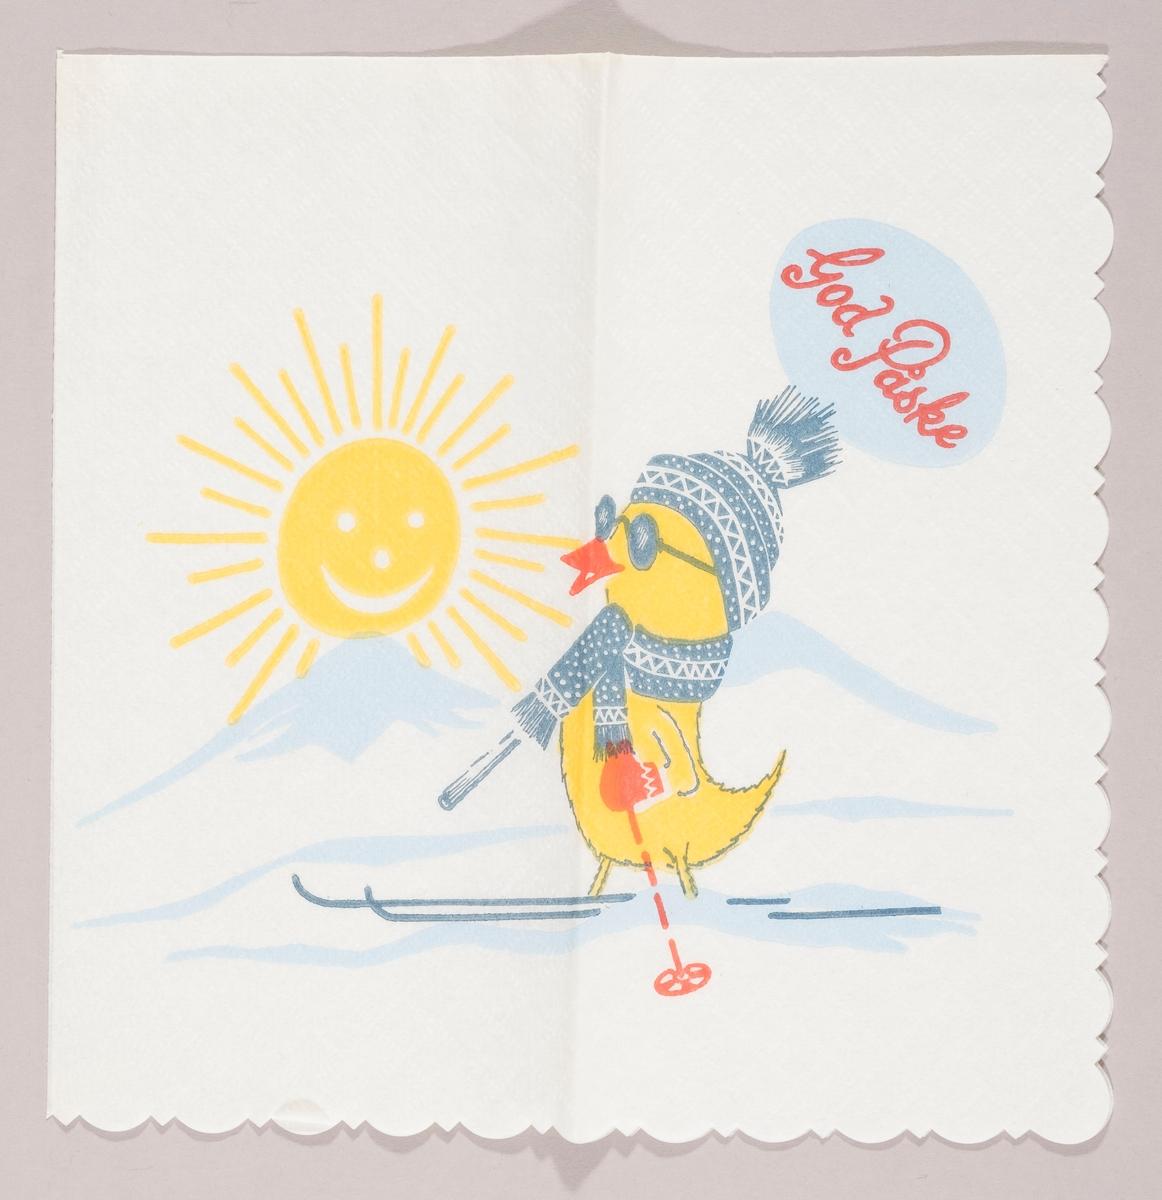 En kylling med mønstret topplue og halstørklede, votter, solbriller, ski og staver. En strålende sol over fjelltopper med snø. Påskehilsen.